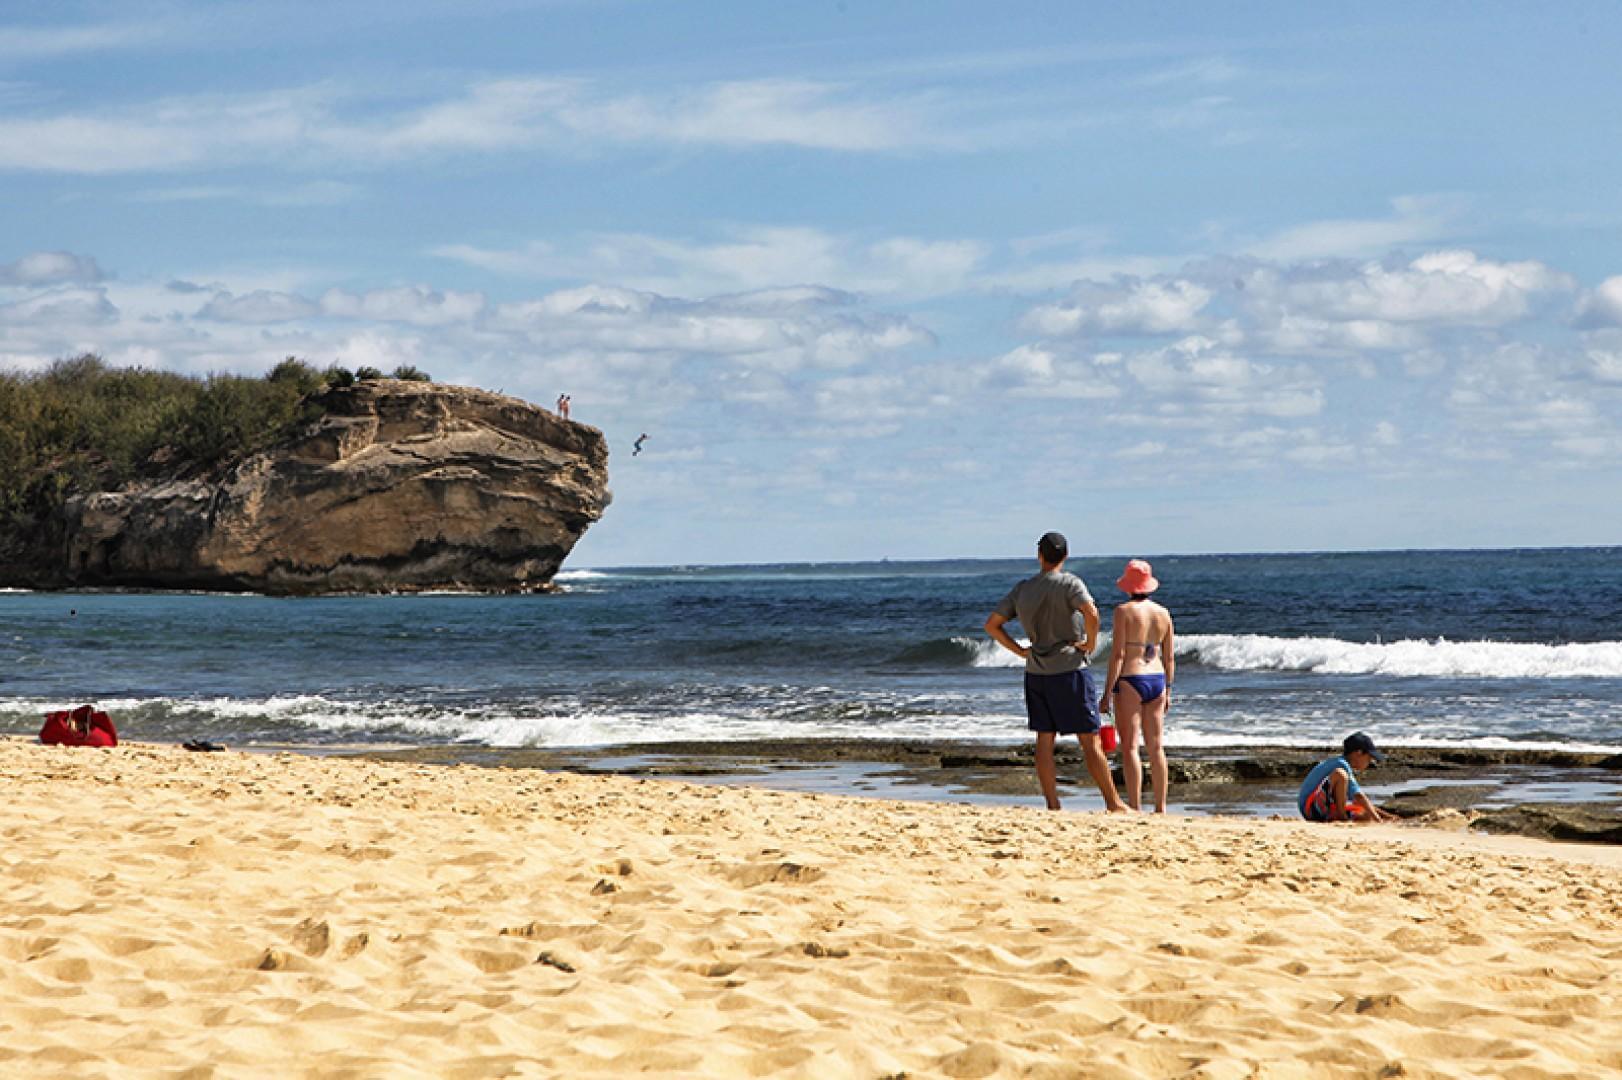 Poipu shipwrecks beach